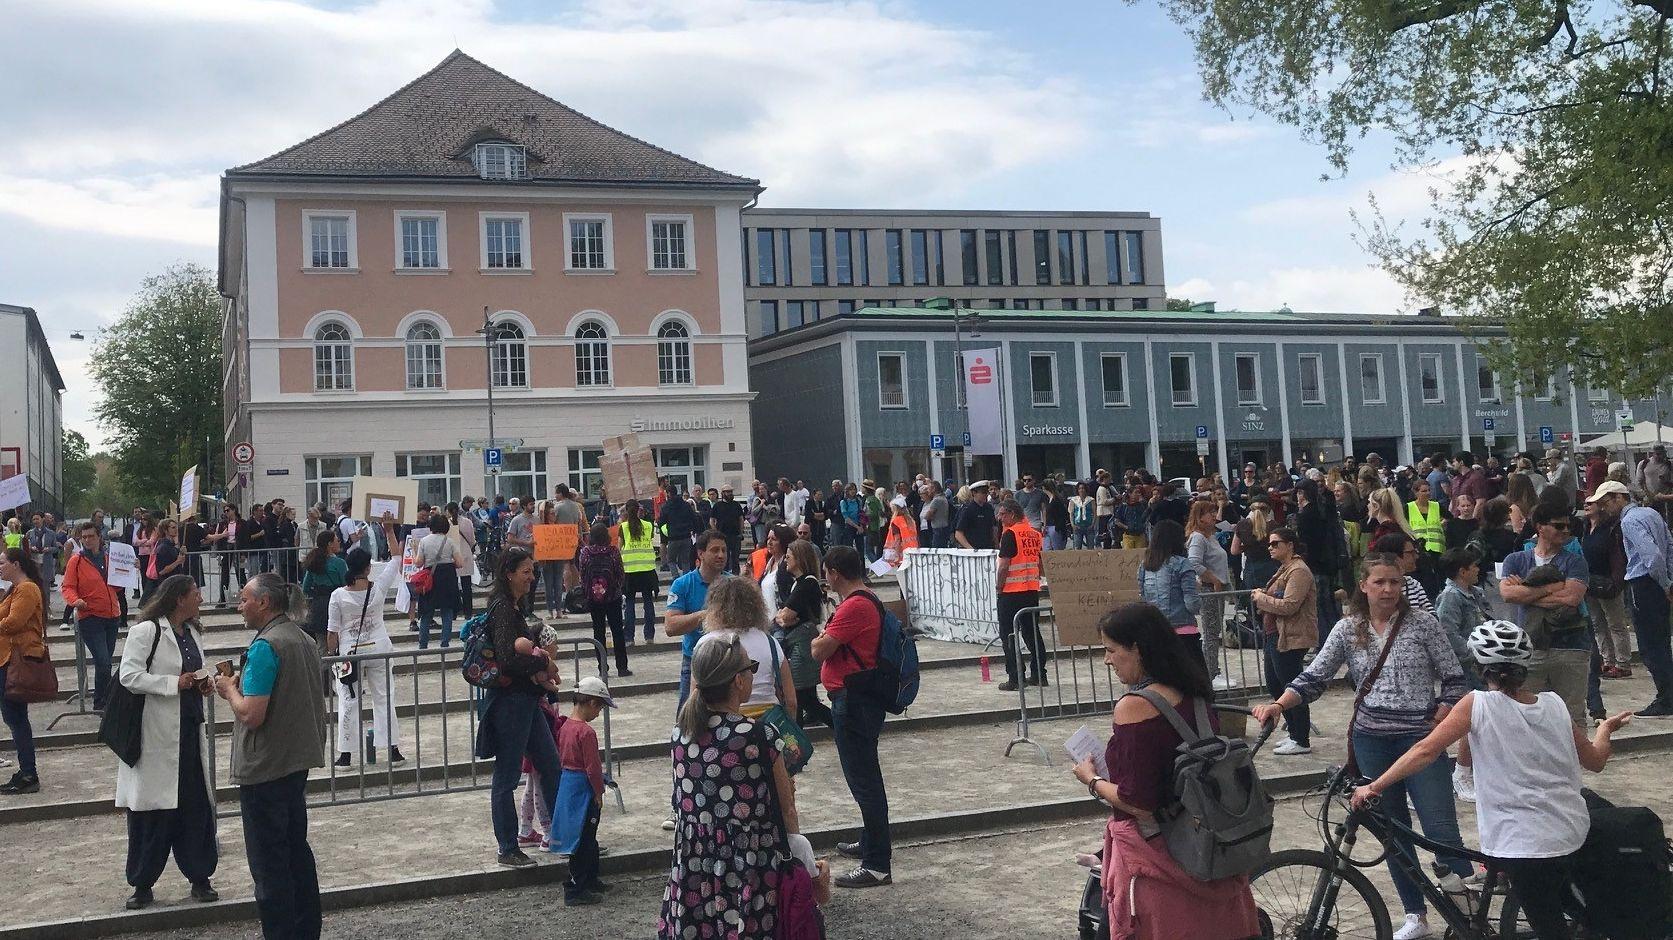 Schaulustige und Demonstranten auf dem Residenzplatz in Kempten